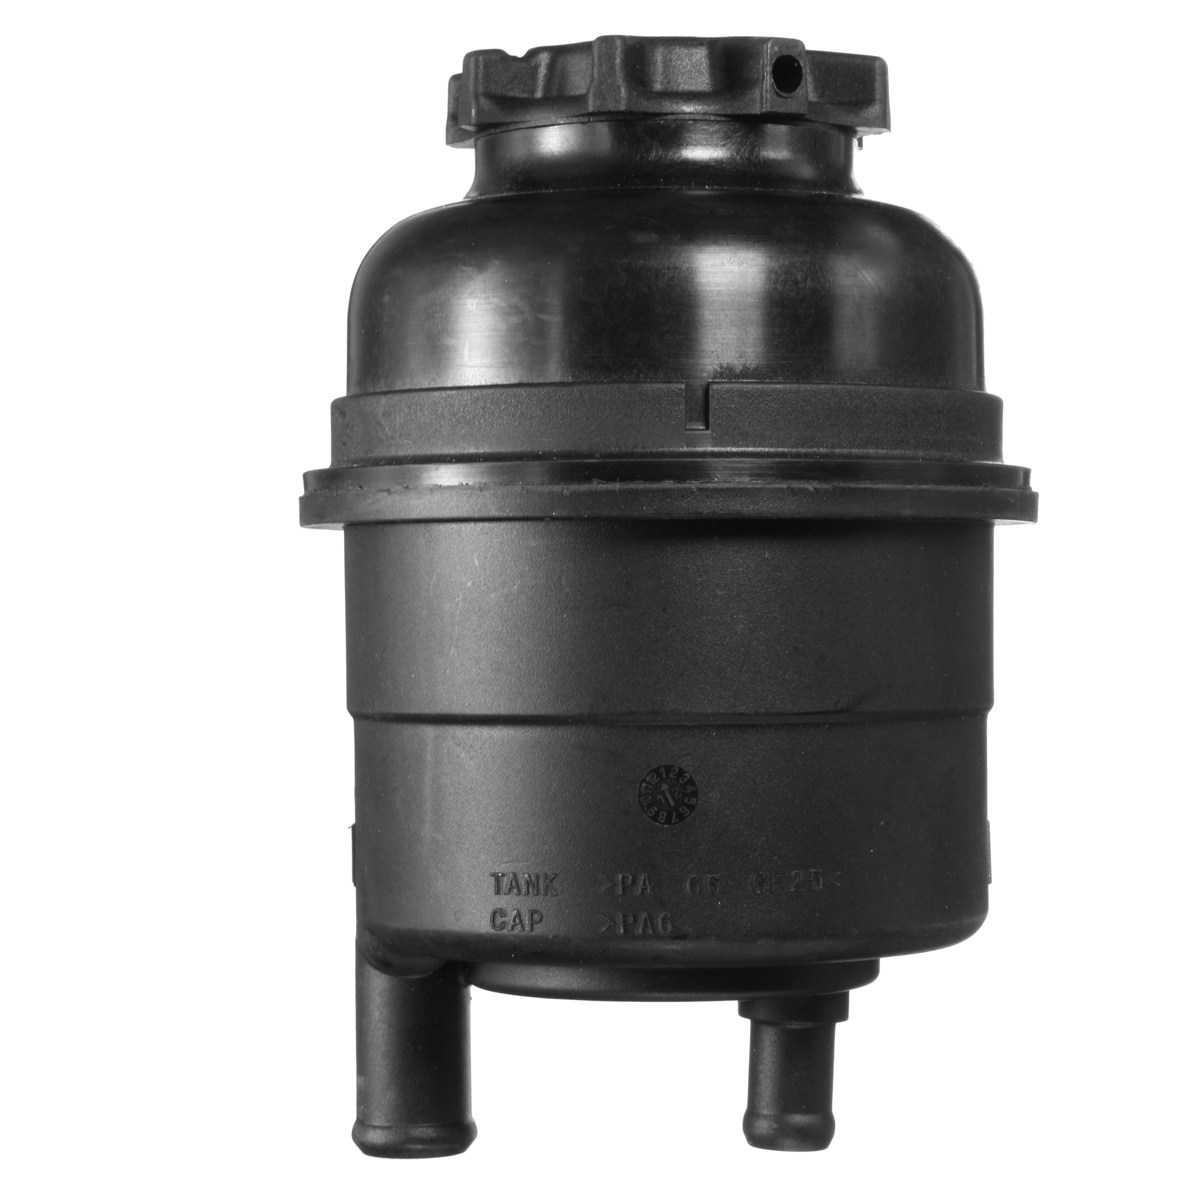 Power Steering Fluid Reservoir Bottle Cap For BMW E38 E39 E46 E60 E63 X3 X5 Z3